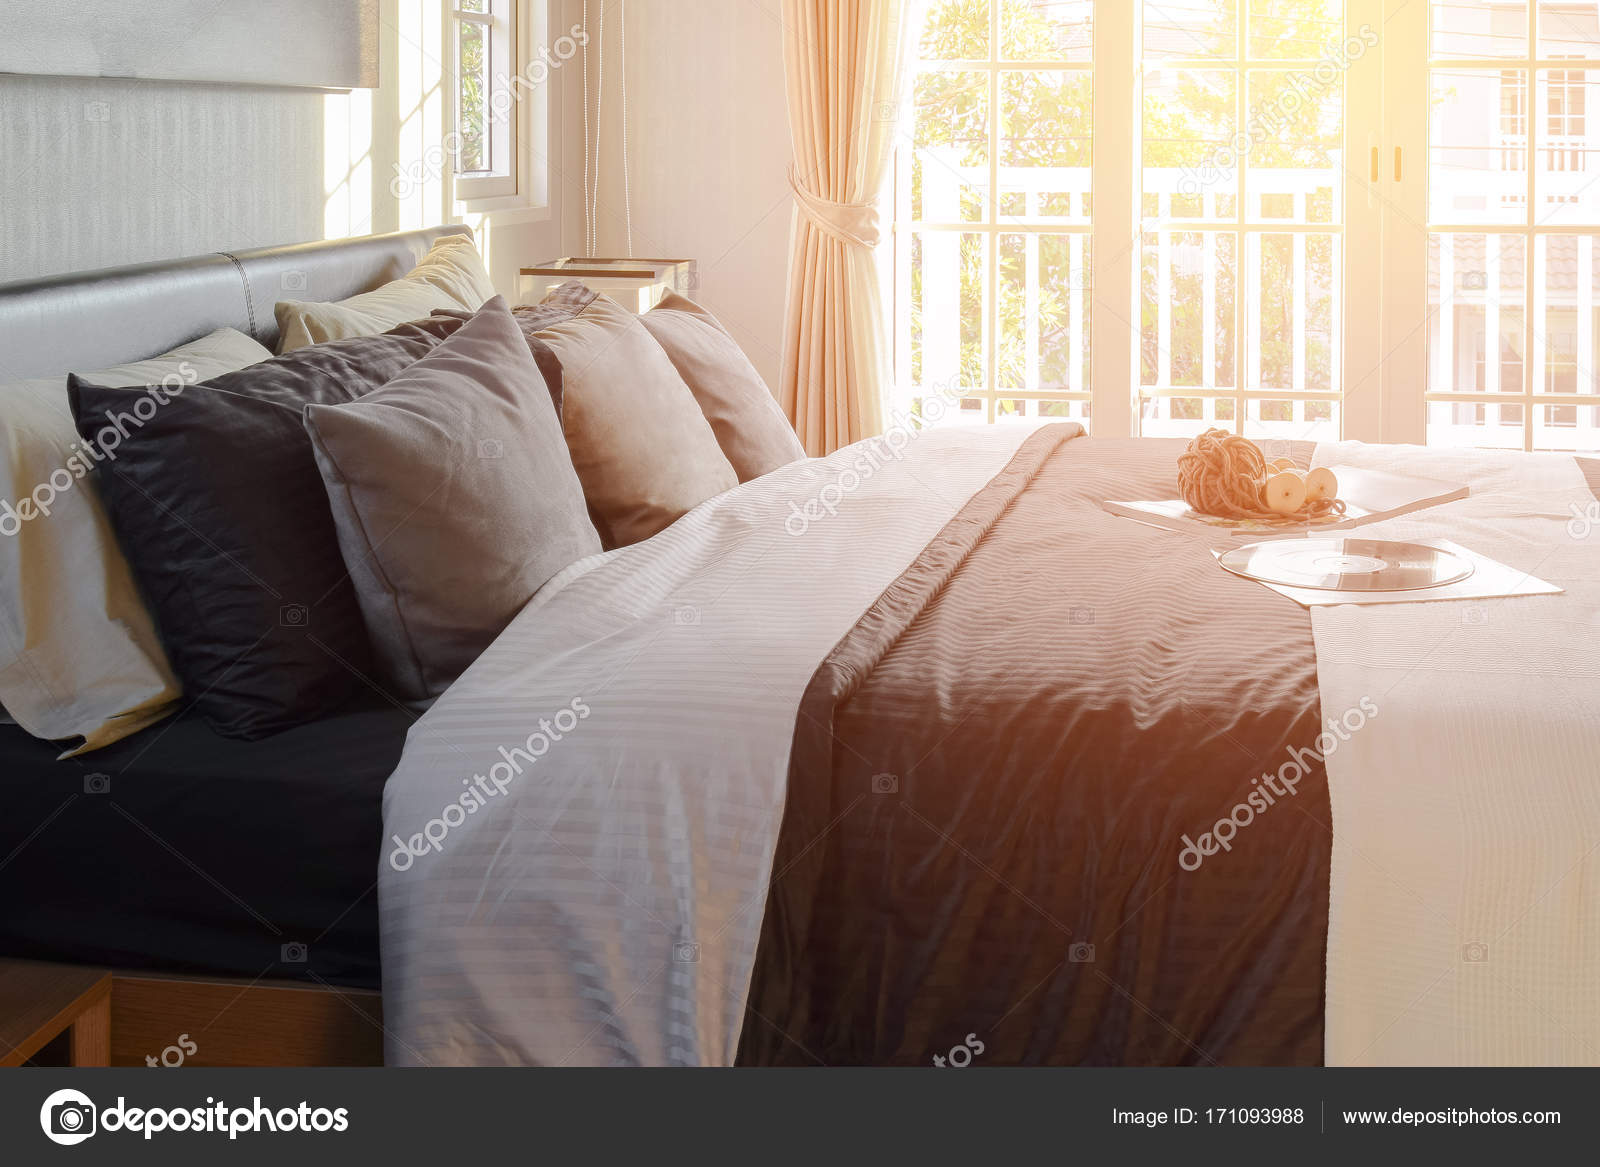 Moderne Schwarze Ton Schlafzimmer Deko Mit Buch, Häkeln Und Gramophone  Record Auf Bett U2014 Stockfoto